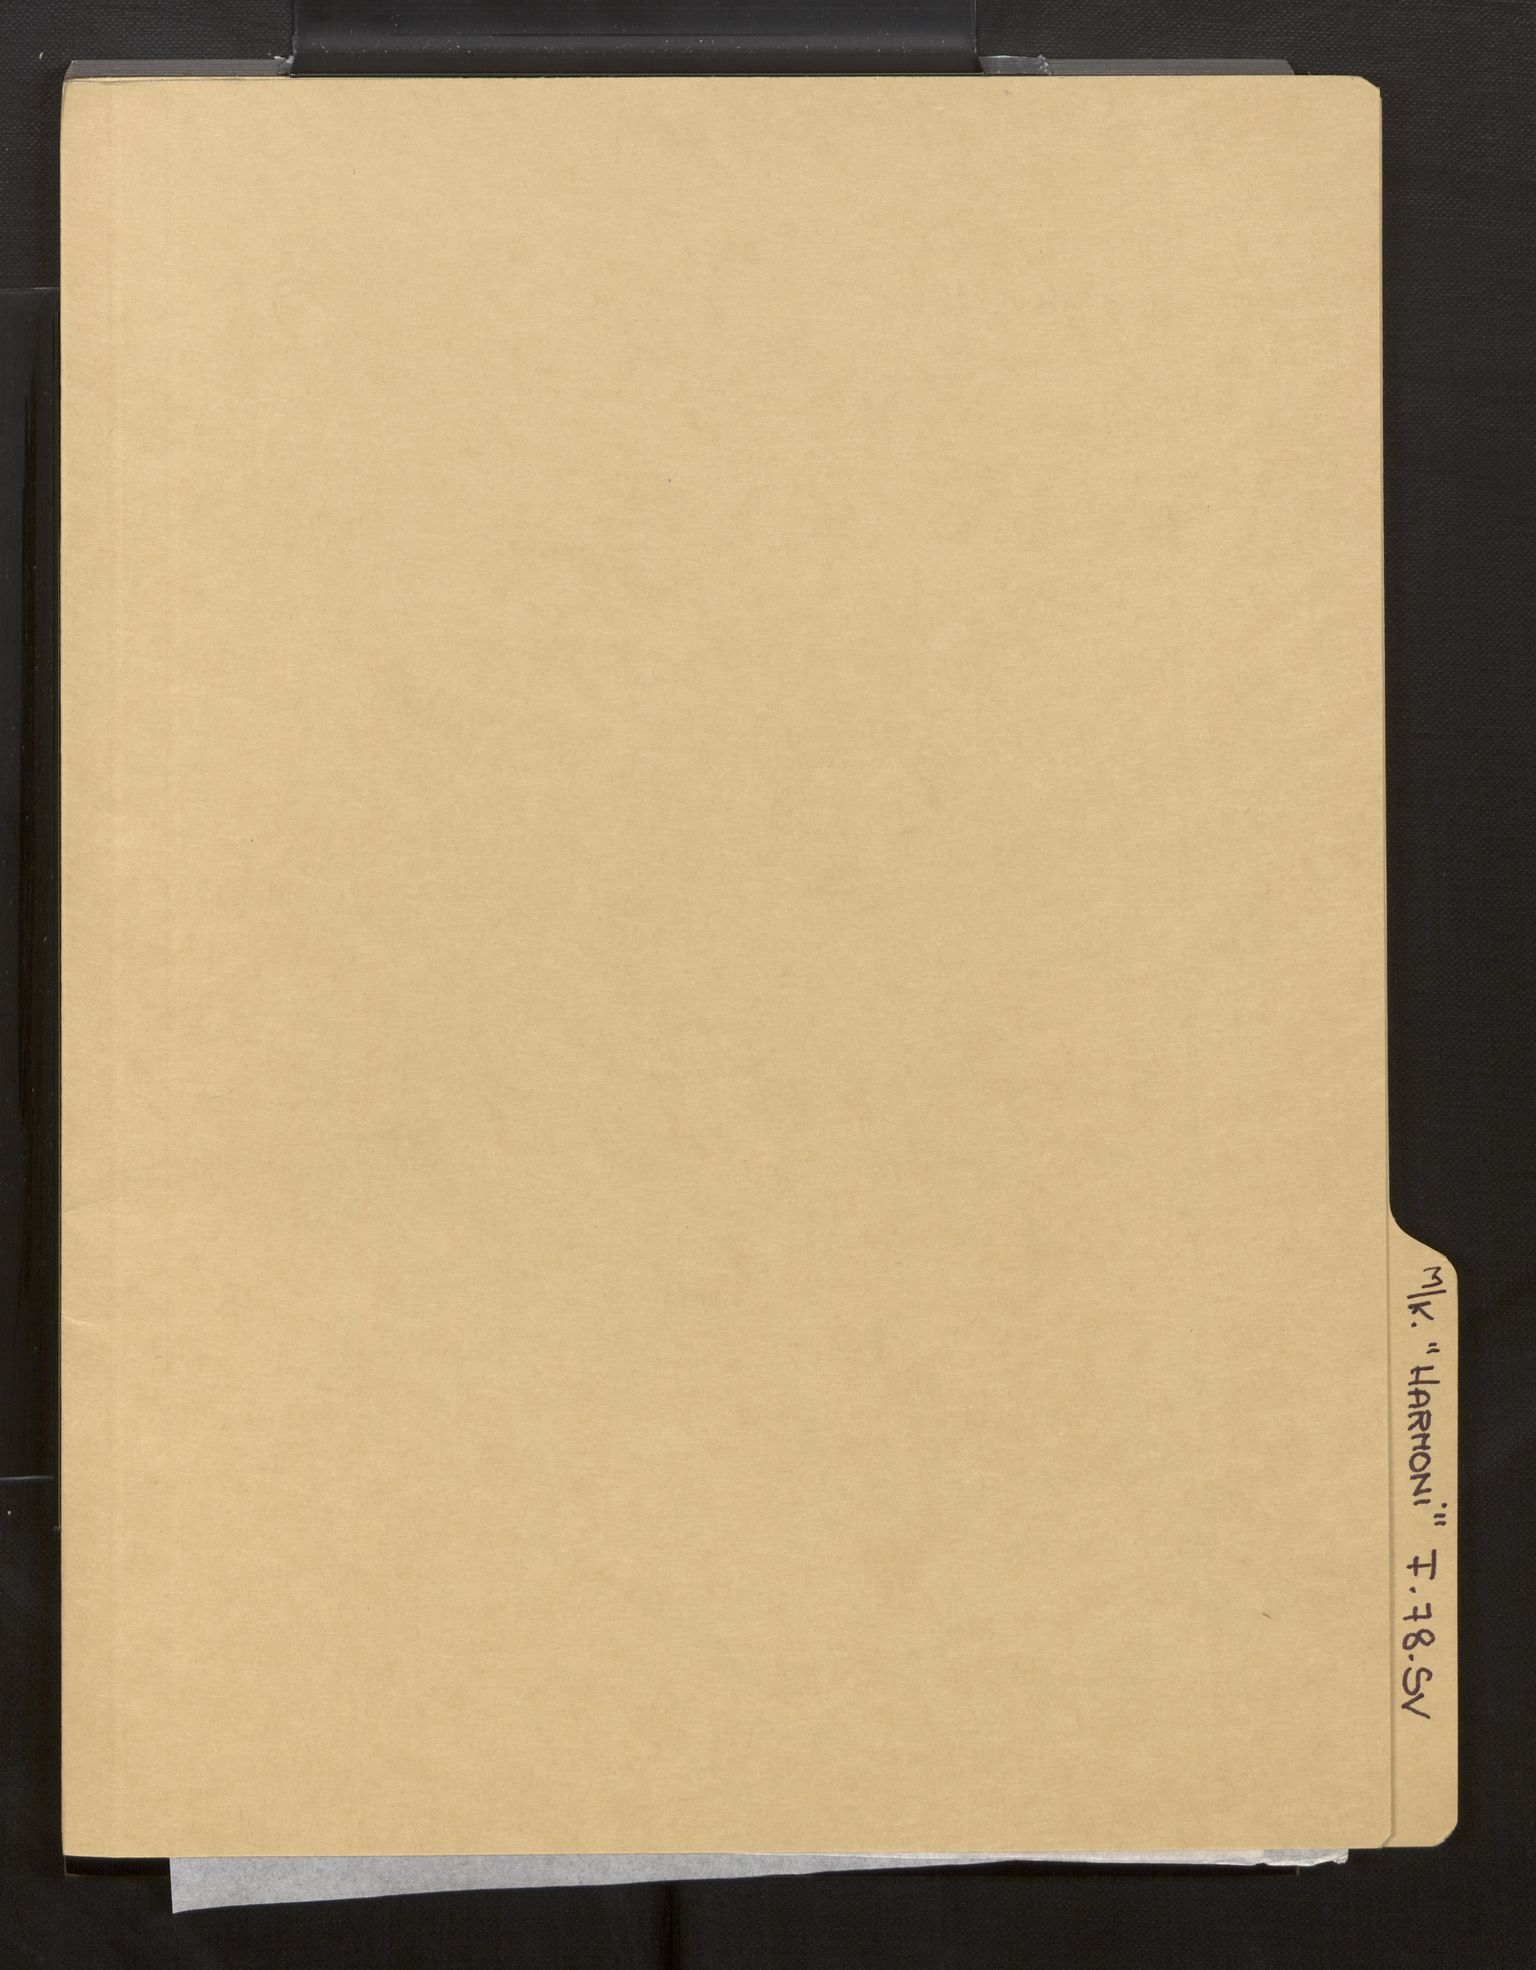 SAB, Fiskeridirektoratet - 1 Adm. ledelse - 13 Båtkontoret, La/L0042: Statens krigsforsikring for fiskeflåten, 1936-1971, s. 332